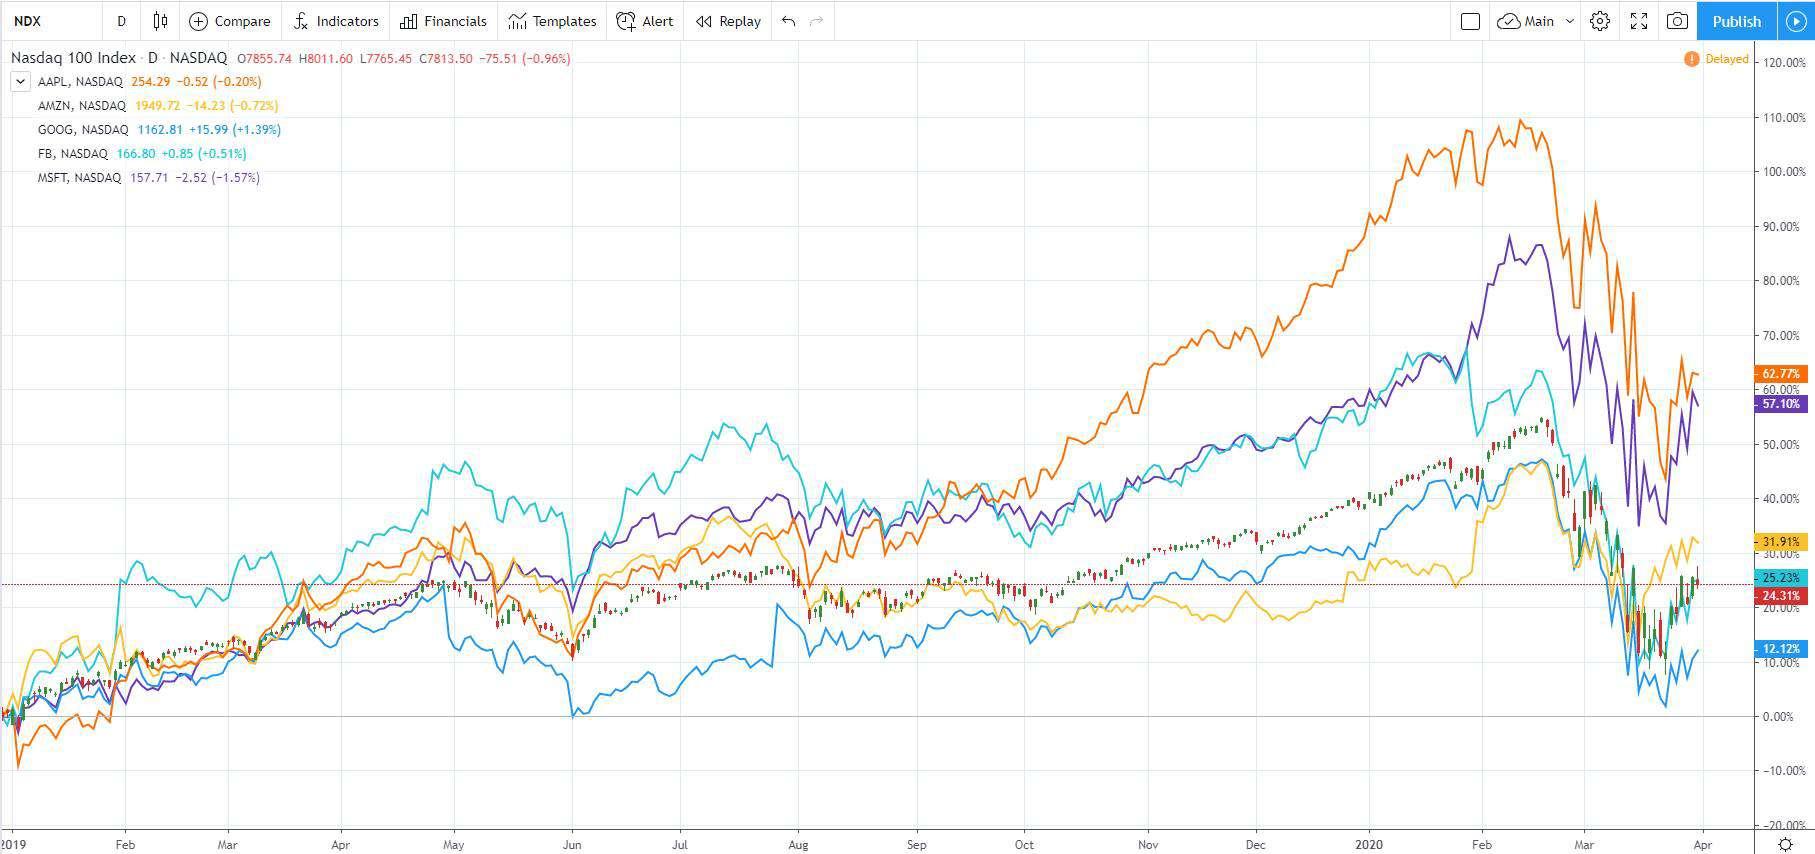 Nasdaq 100 versus GAFAM stocks